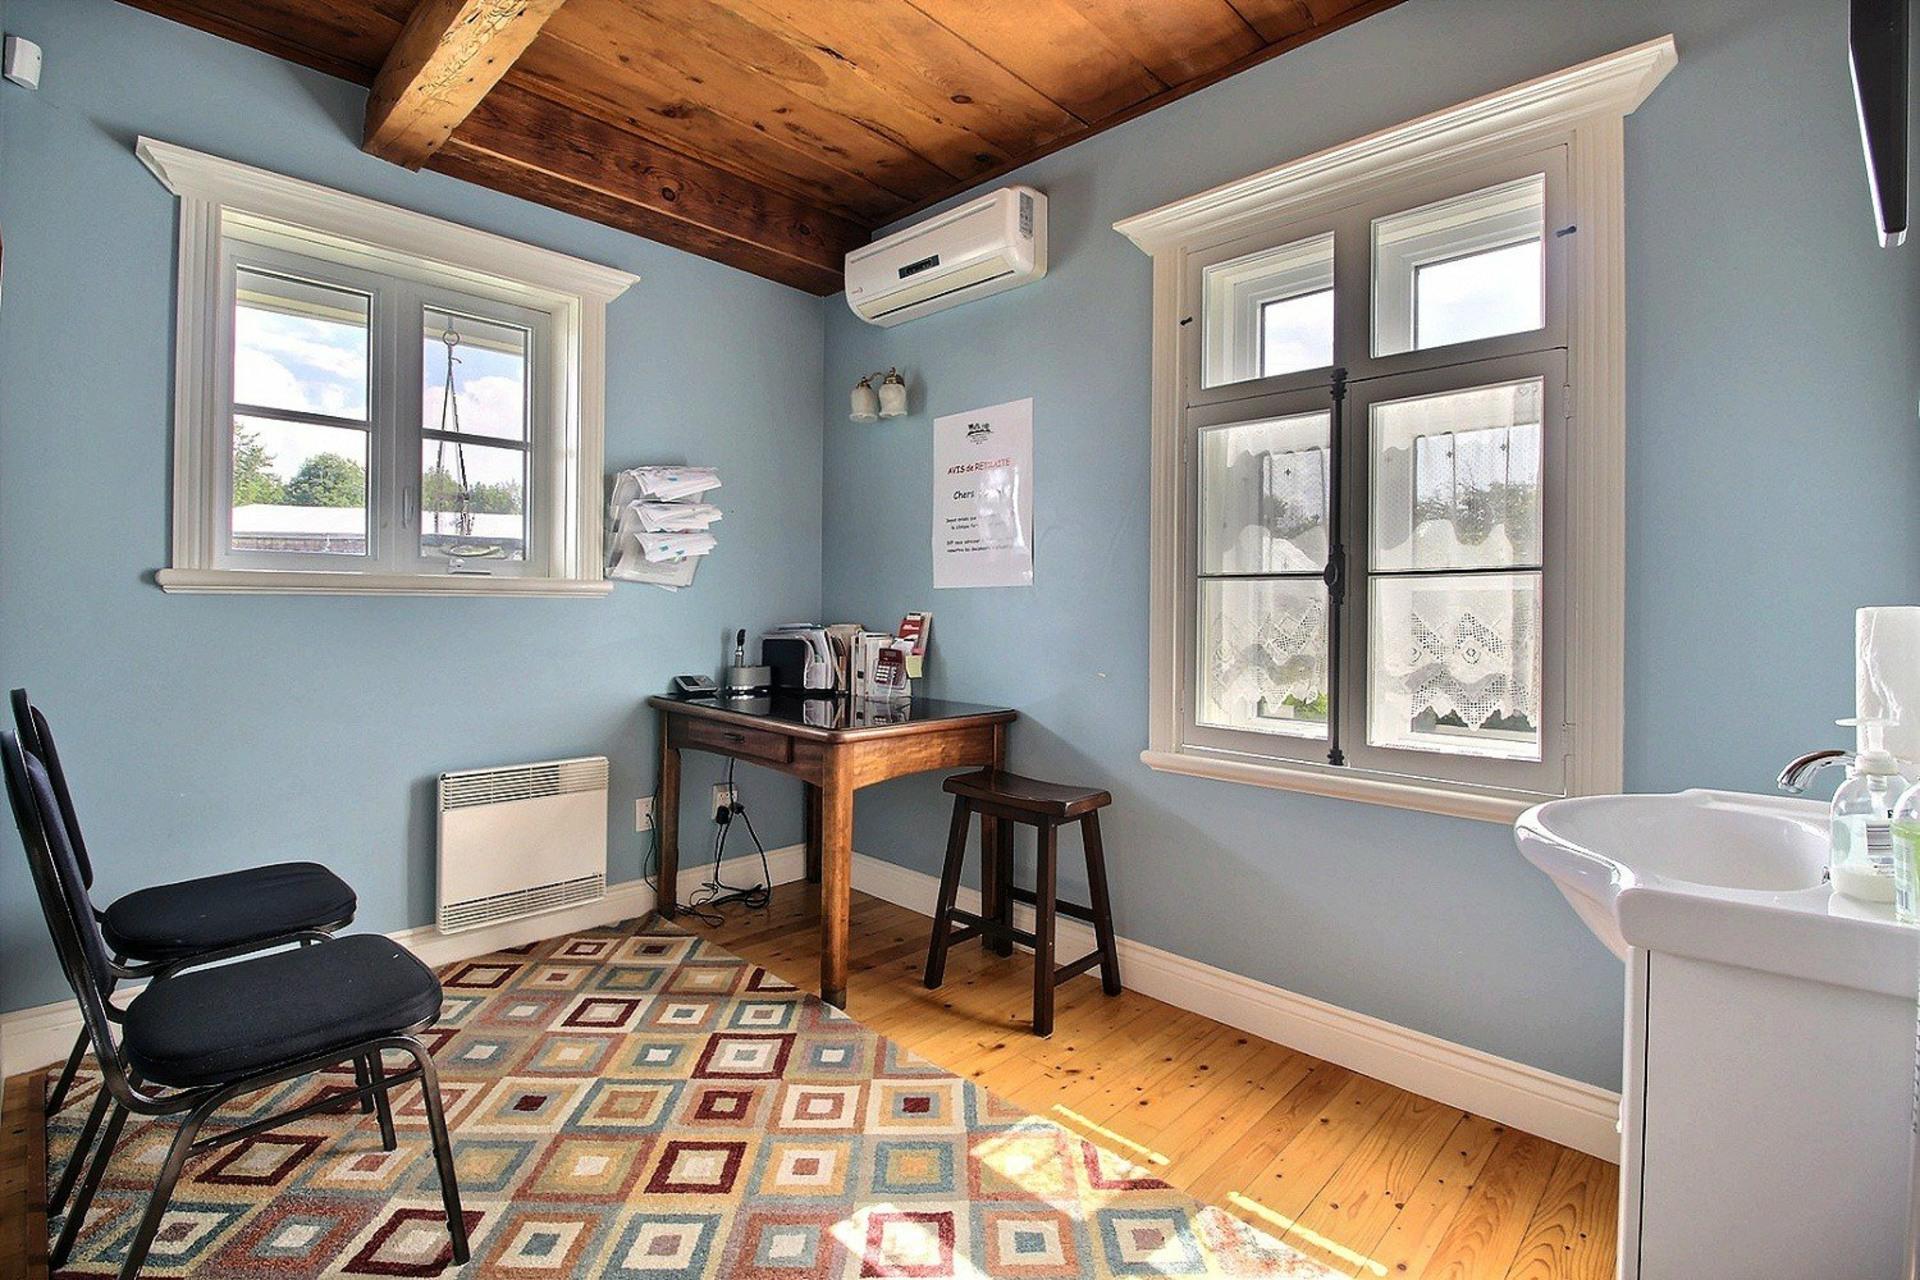 image 8 - Duplex À vendre Saint-Ambroise-de-Kildare - 4 pièces